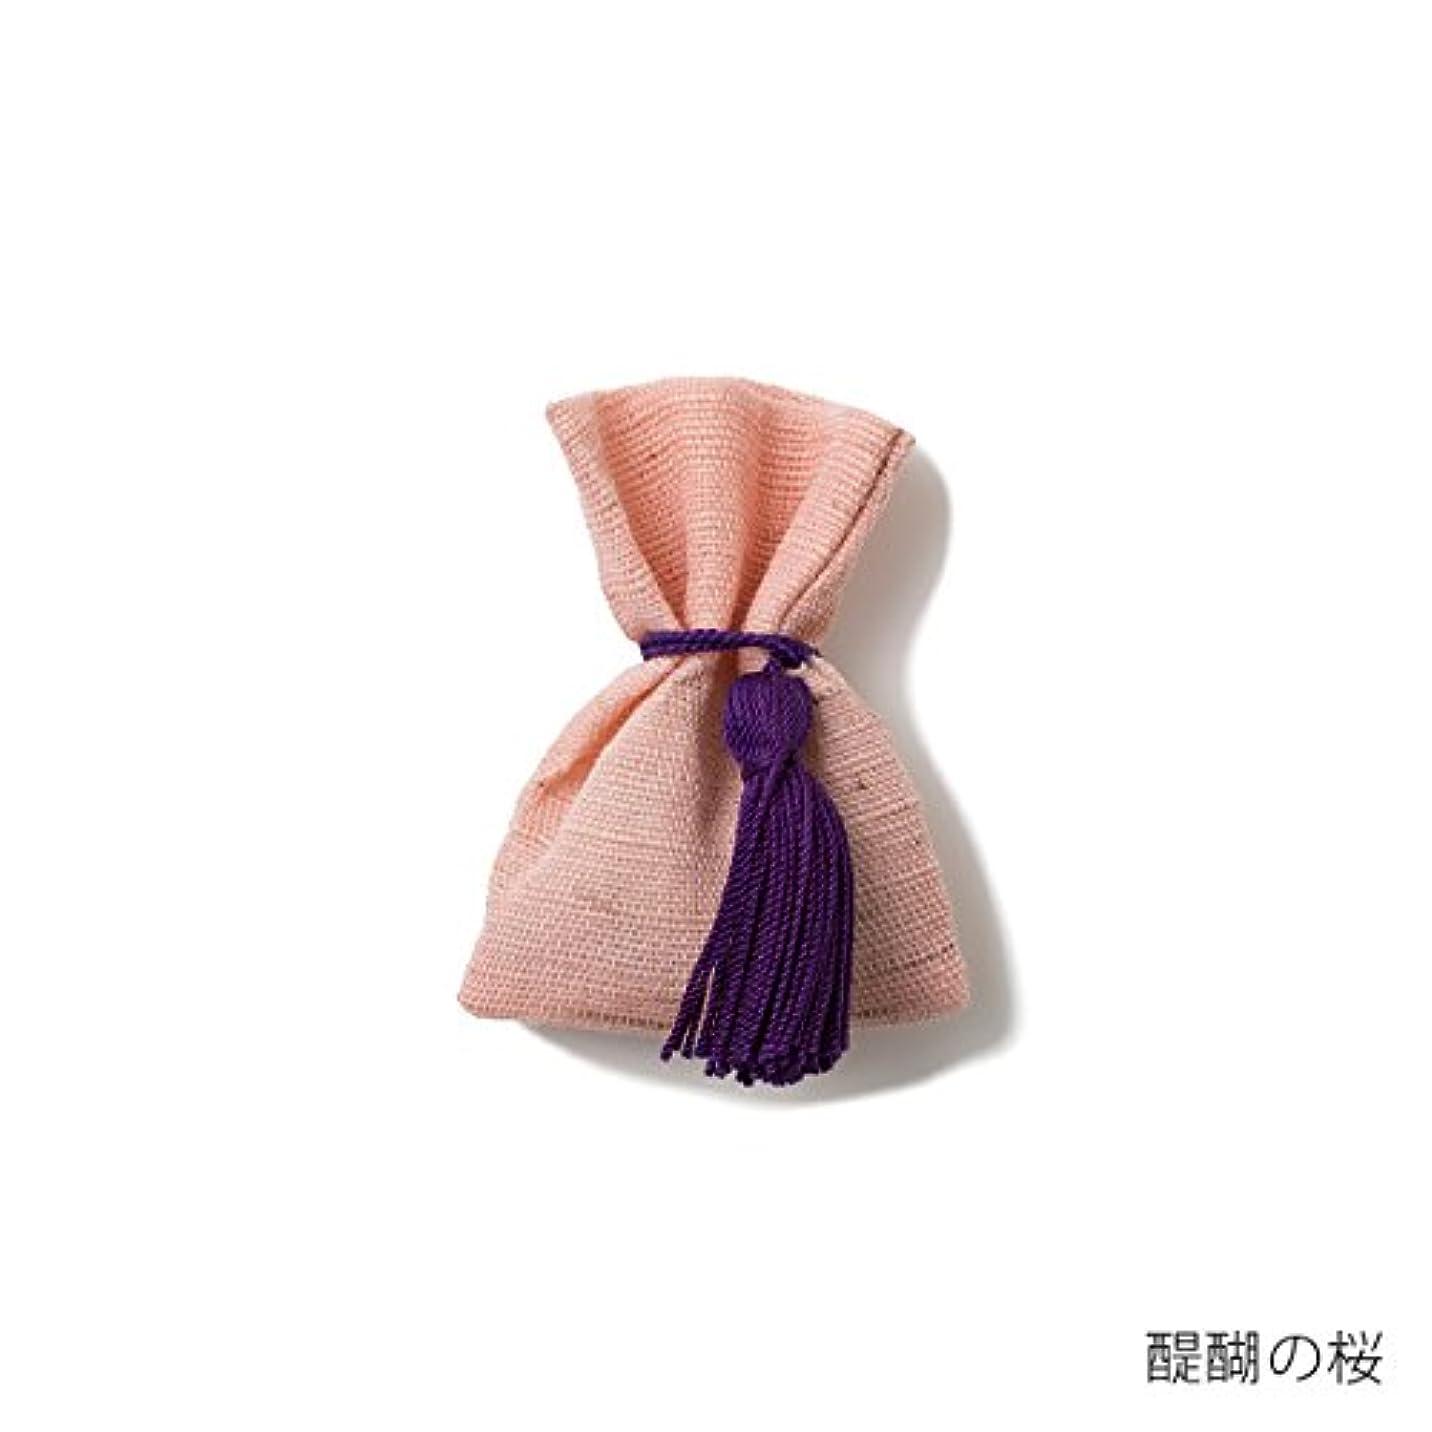 くすぐったい明示的に論争的【薫玉堂】 京の香り 香袋 醍醐の桜